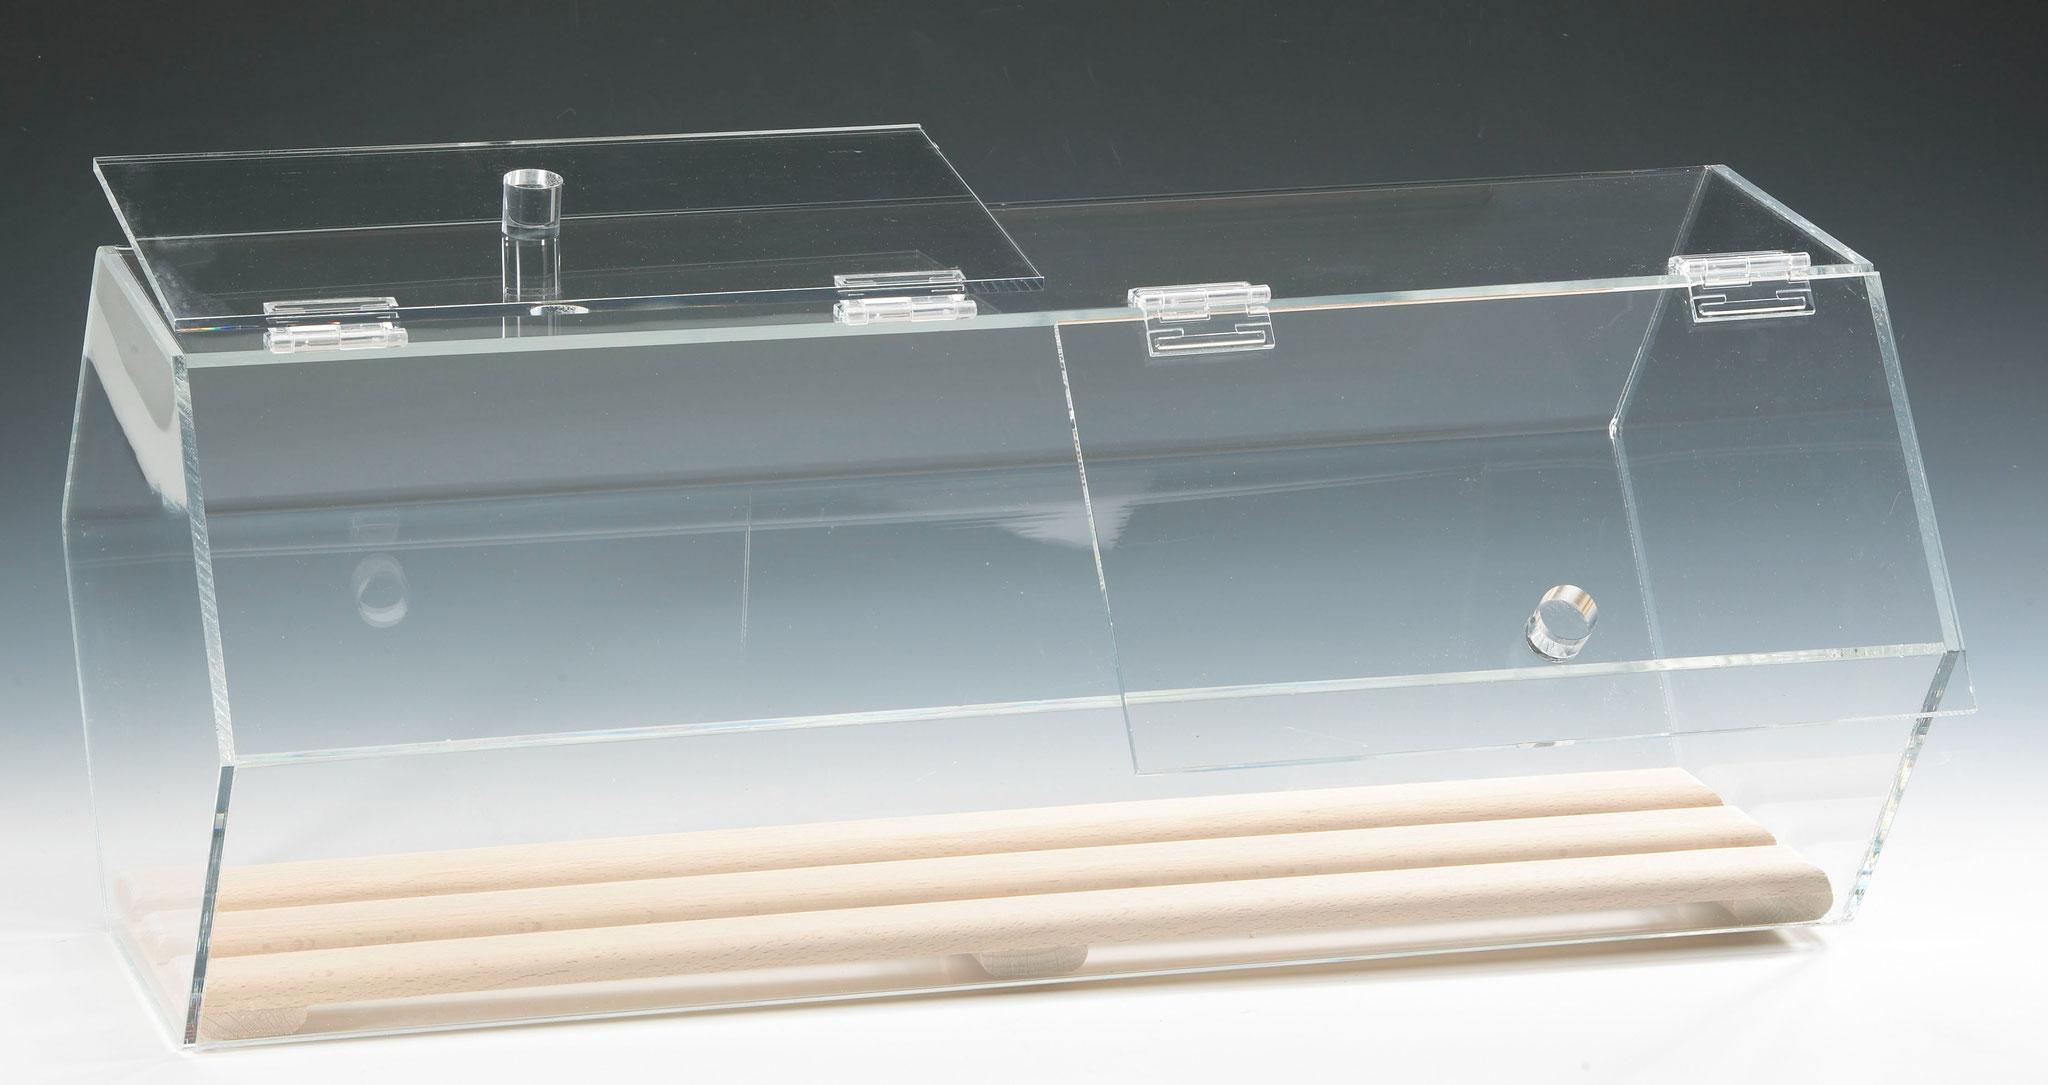 Lattenrost 9402011 passend für SB-Spender 9406007